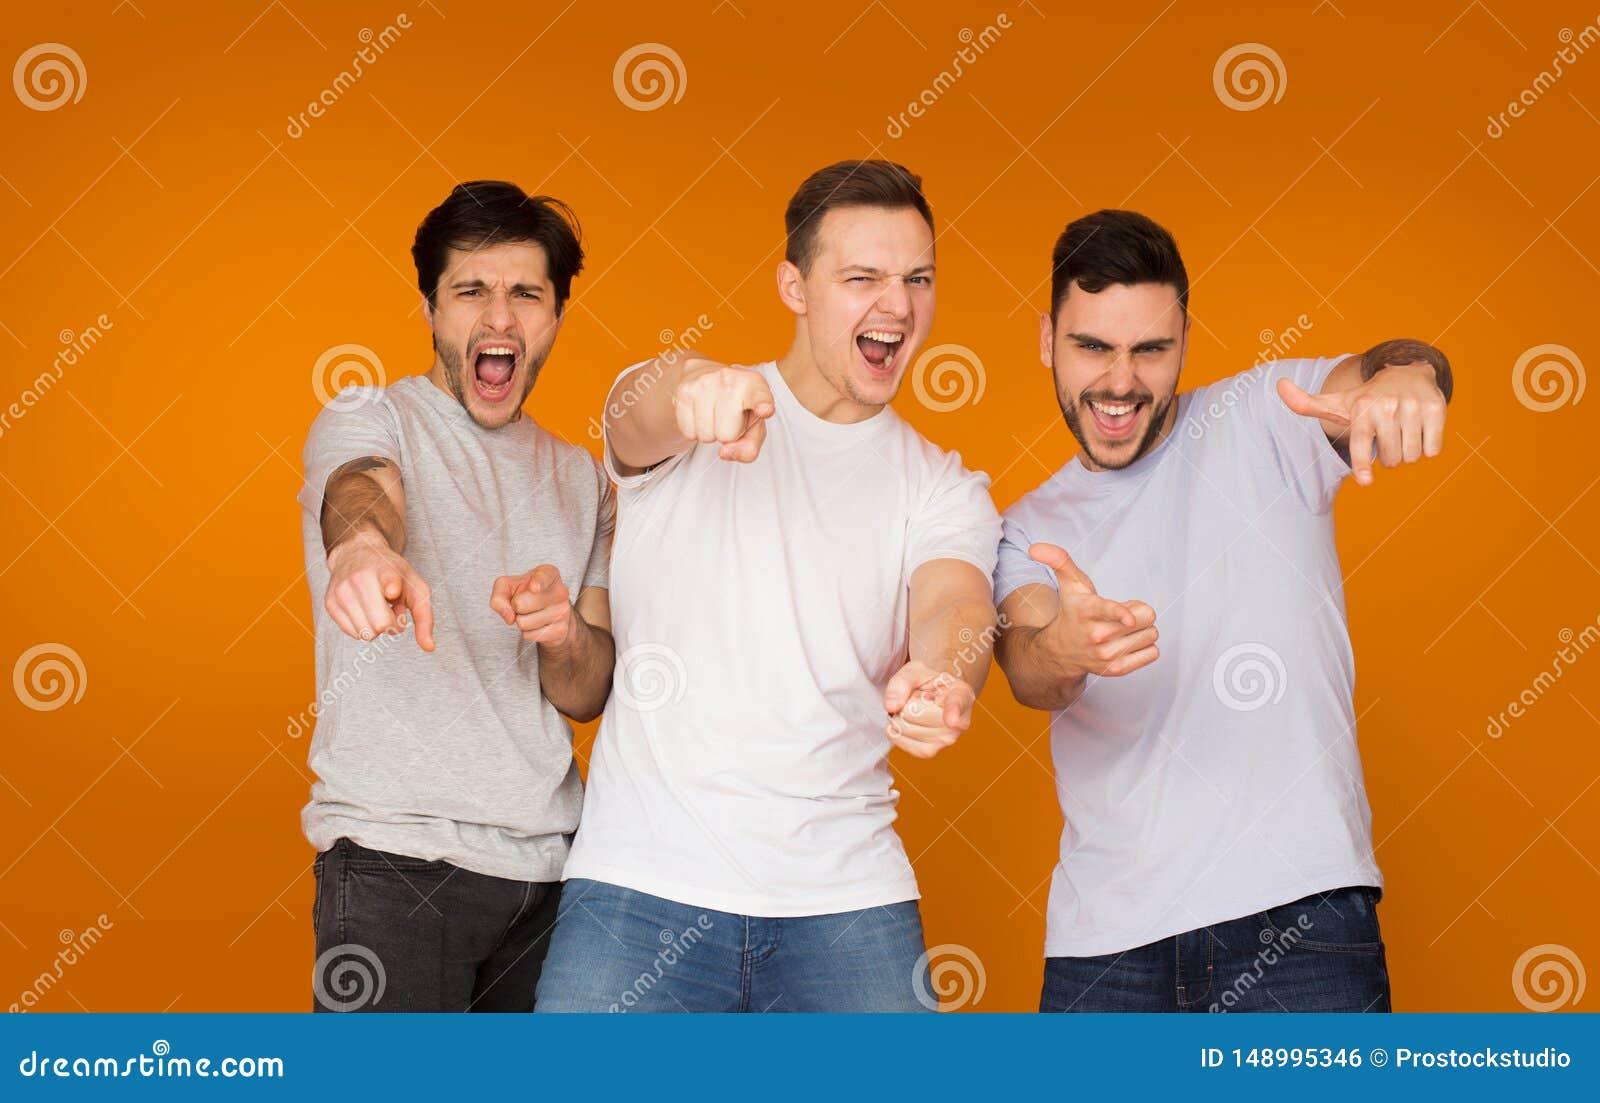 Συγκινημένοι φίλοι που δείχνουν τα δάχτυλα στη κάμερα, πορτοκαλί υπόβαθρο